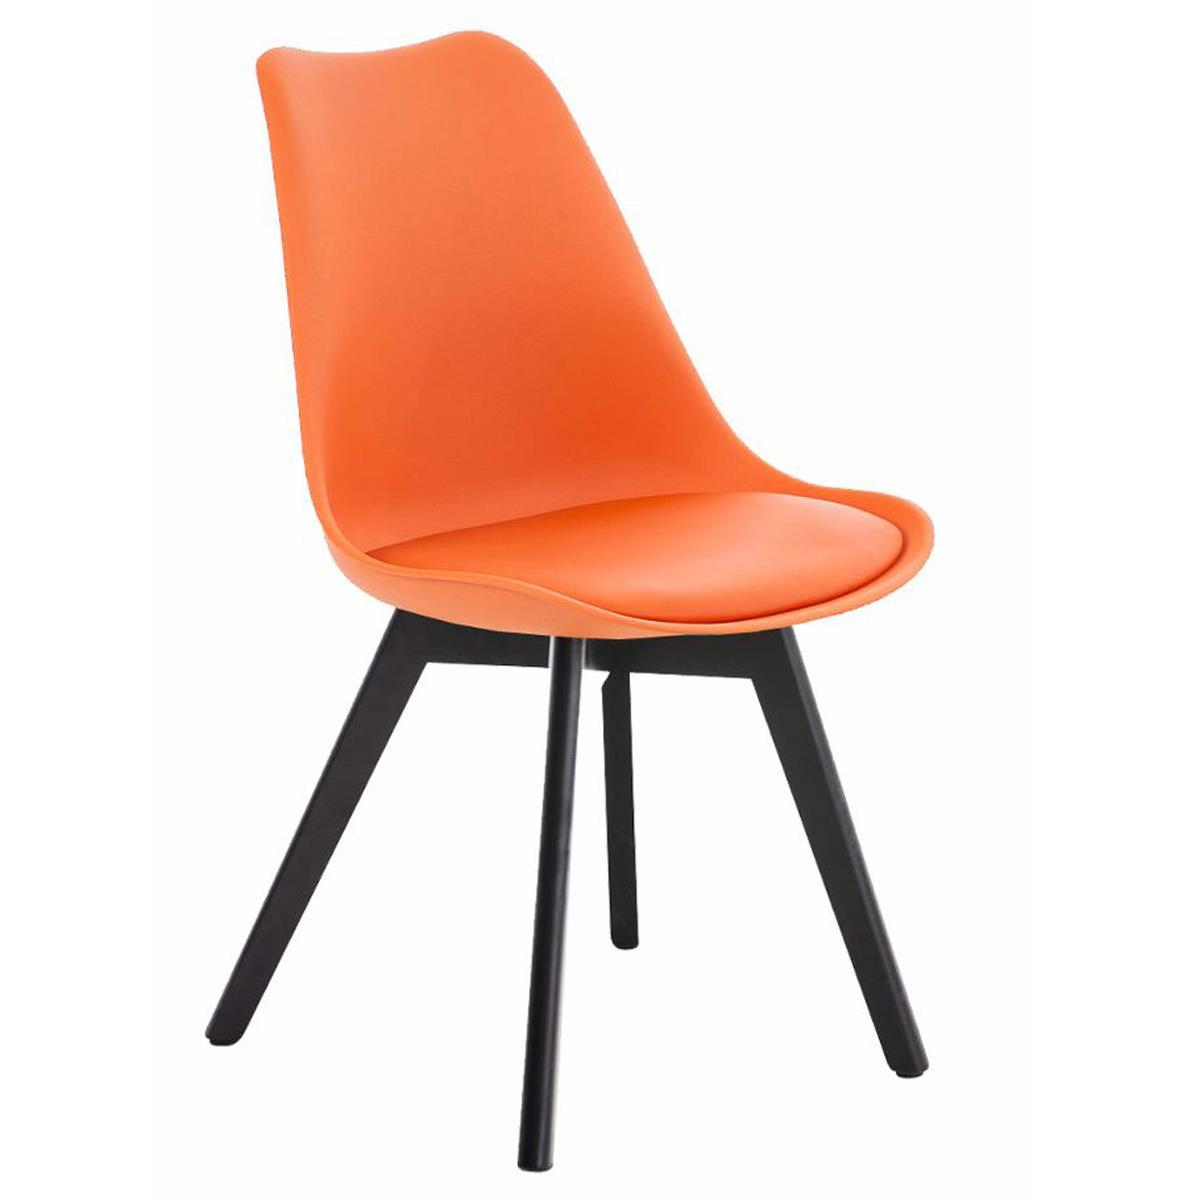 Chaise Design Visiteur BOSPHORE Pietement En Bois Couleur Foncee Structure Plastique Cuir Orange